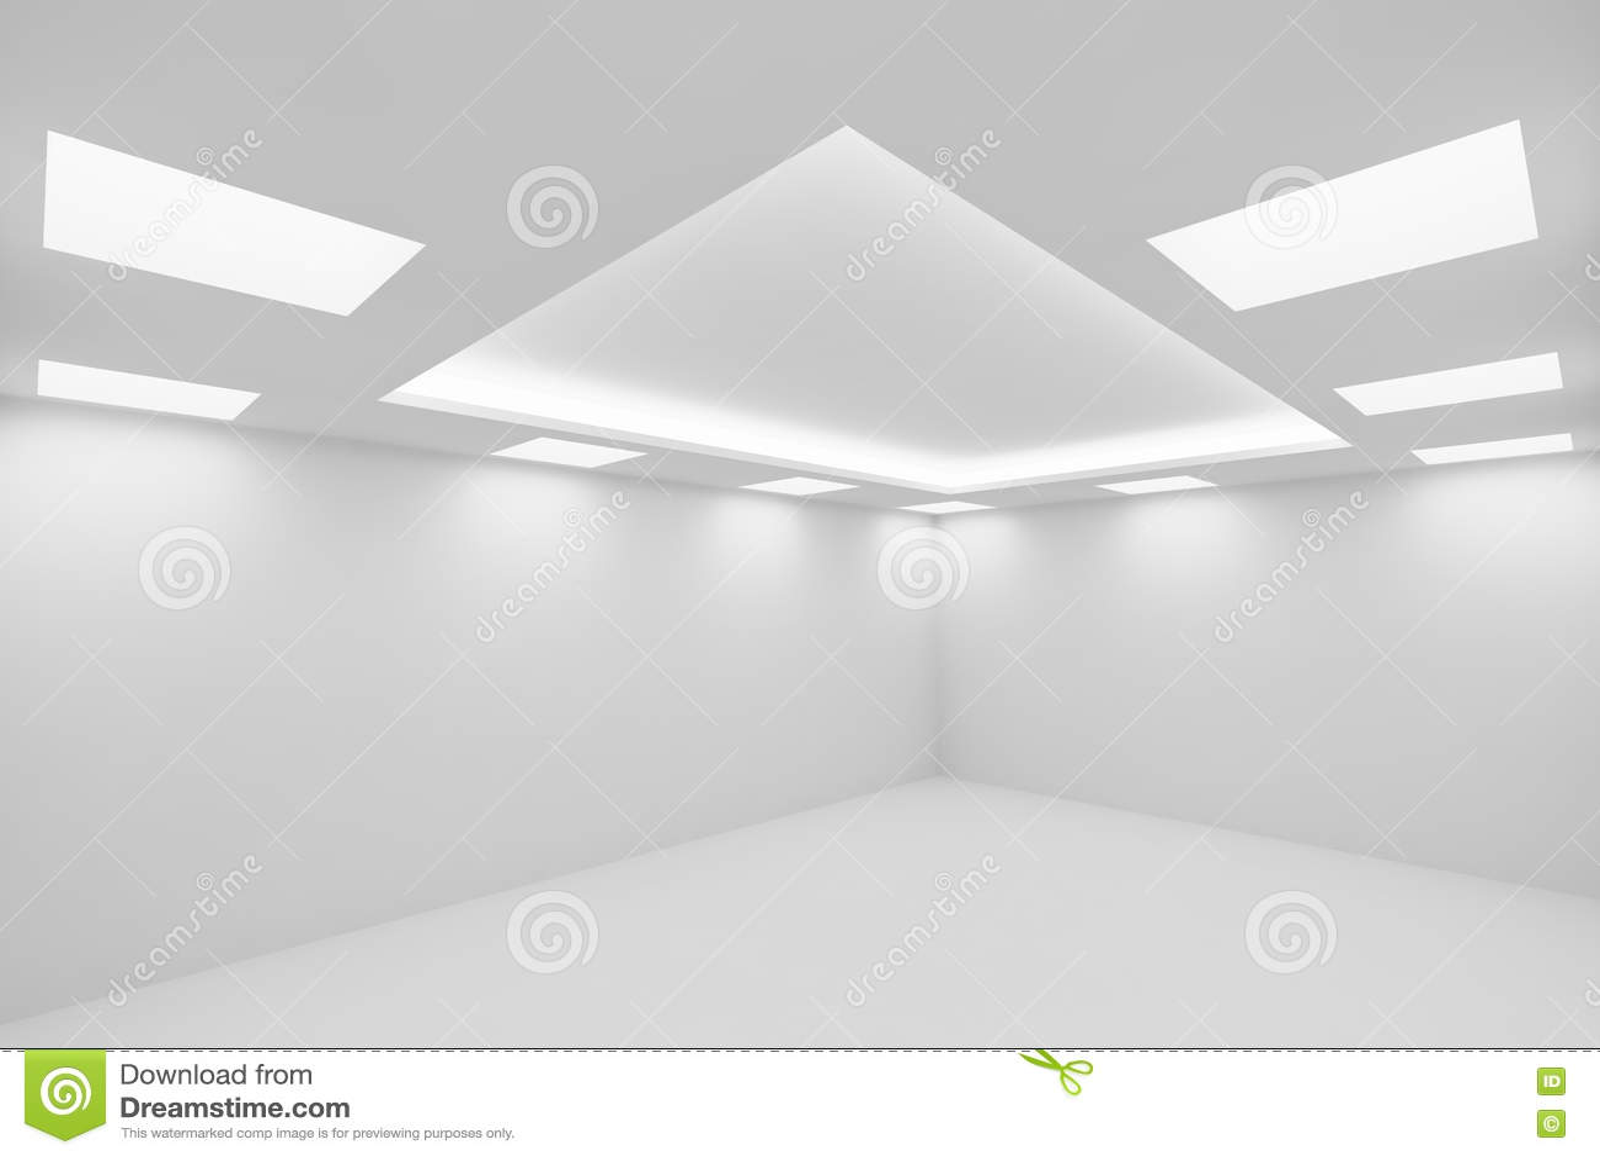 Plafoniera Con Lampada A Vista : Ðu stanza bianca mpty con l ampia vista delle plafoniere quadrate